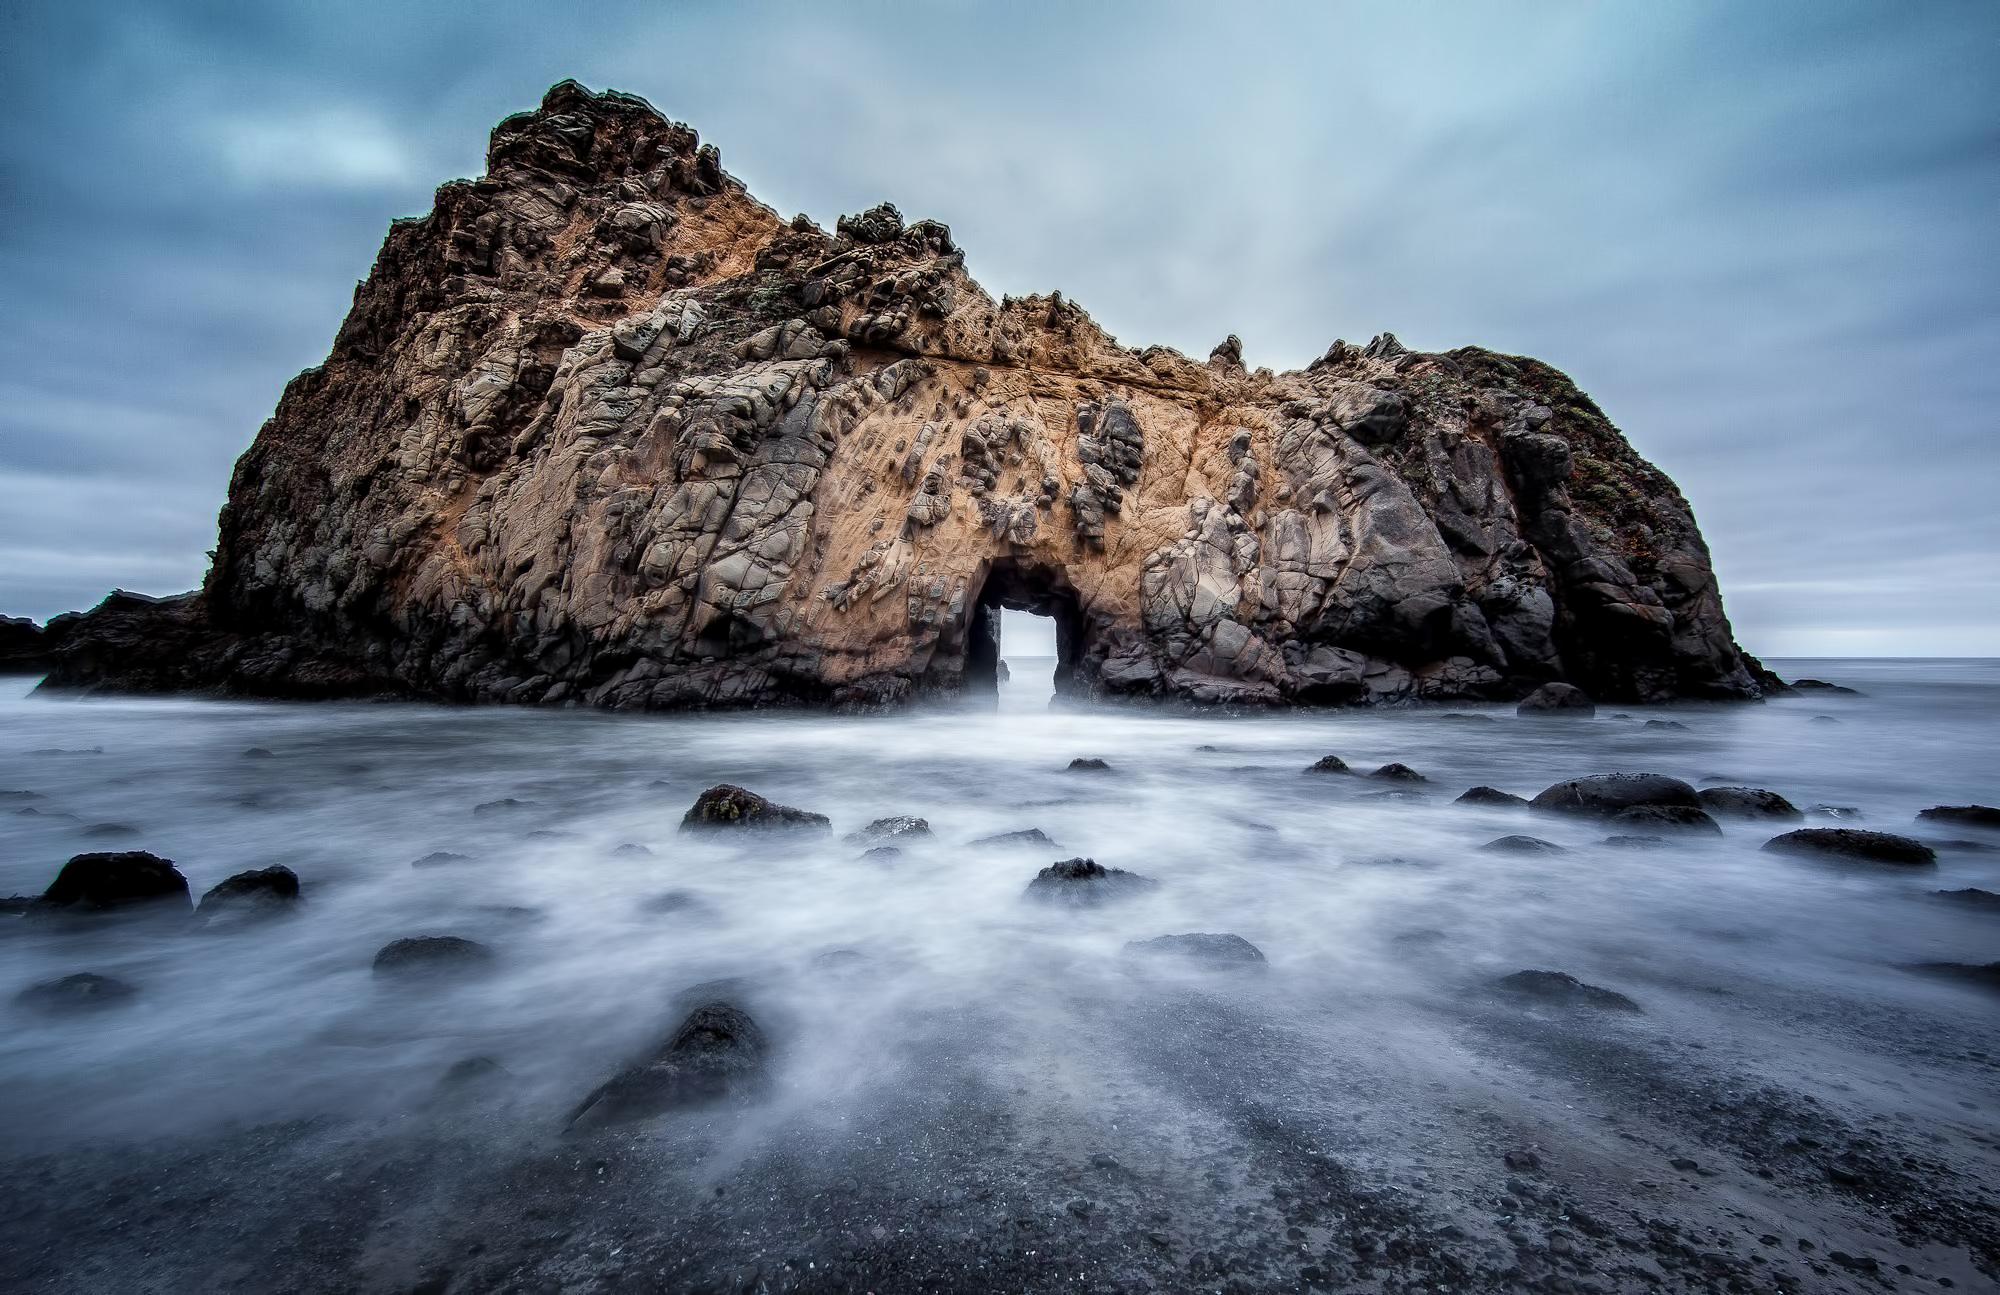 The Doorway, Big Sur, California